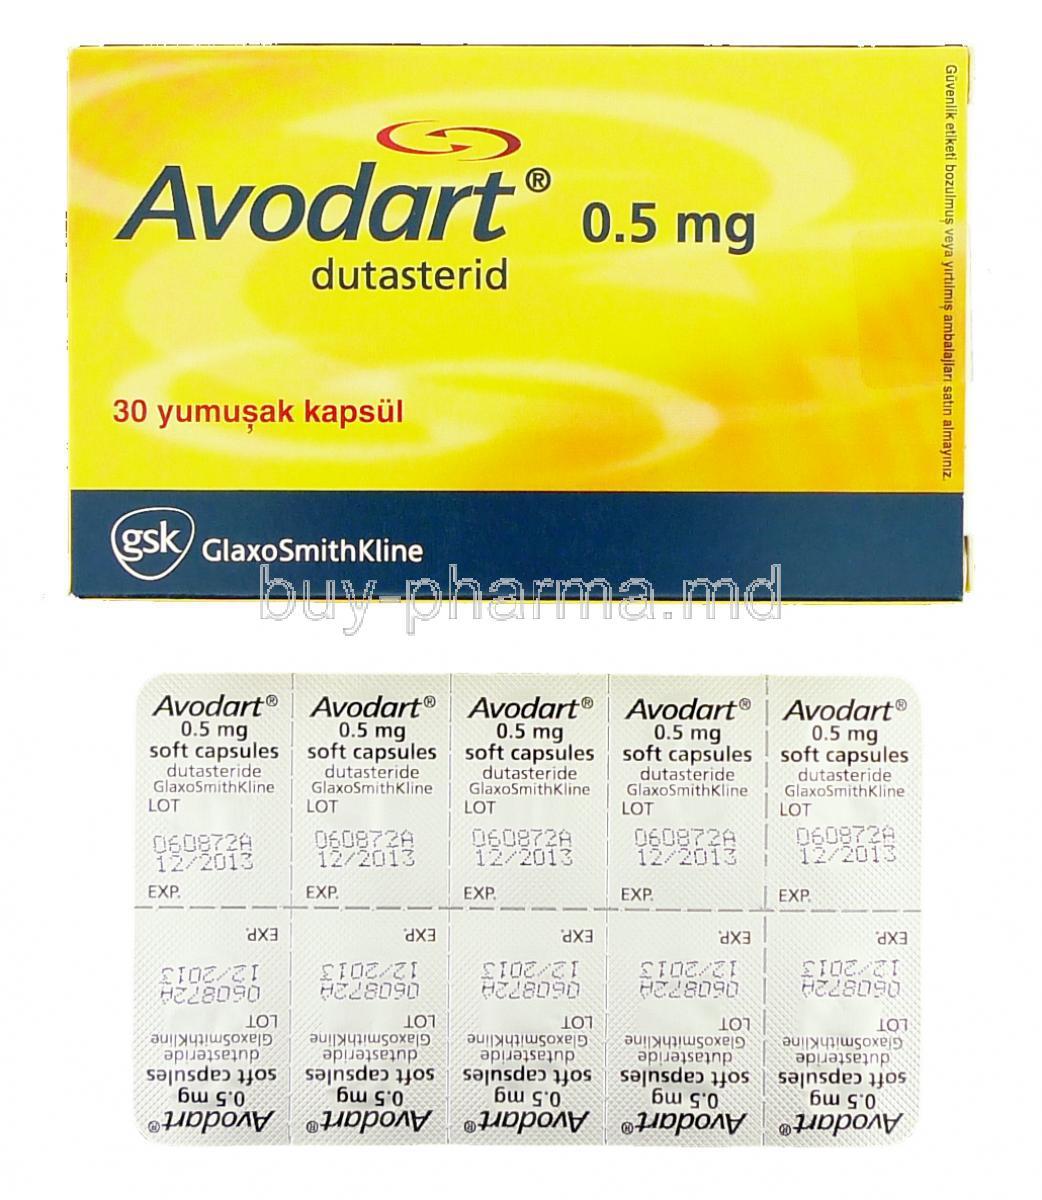 Buy Dutasteride Where Can I Buy Avodart